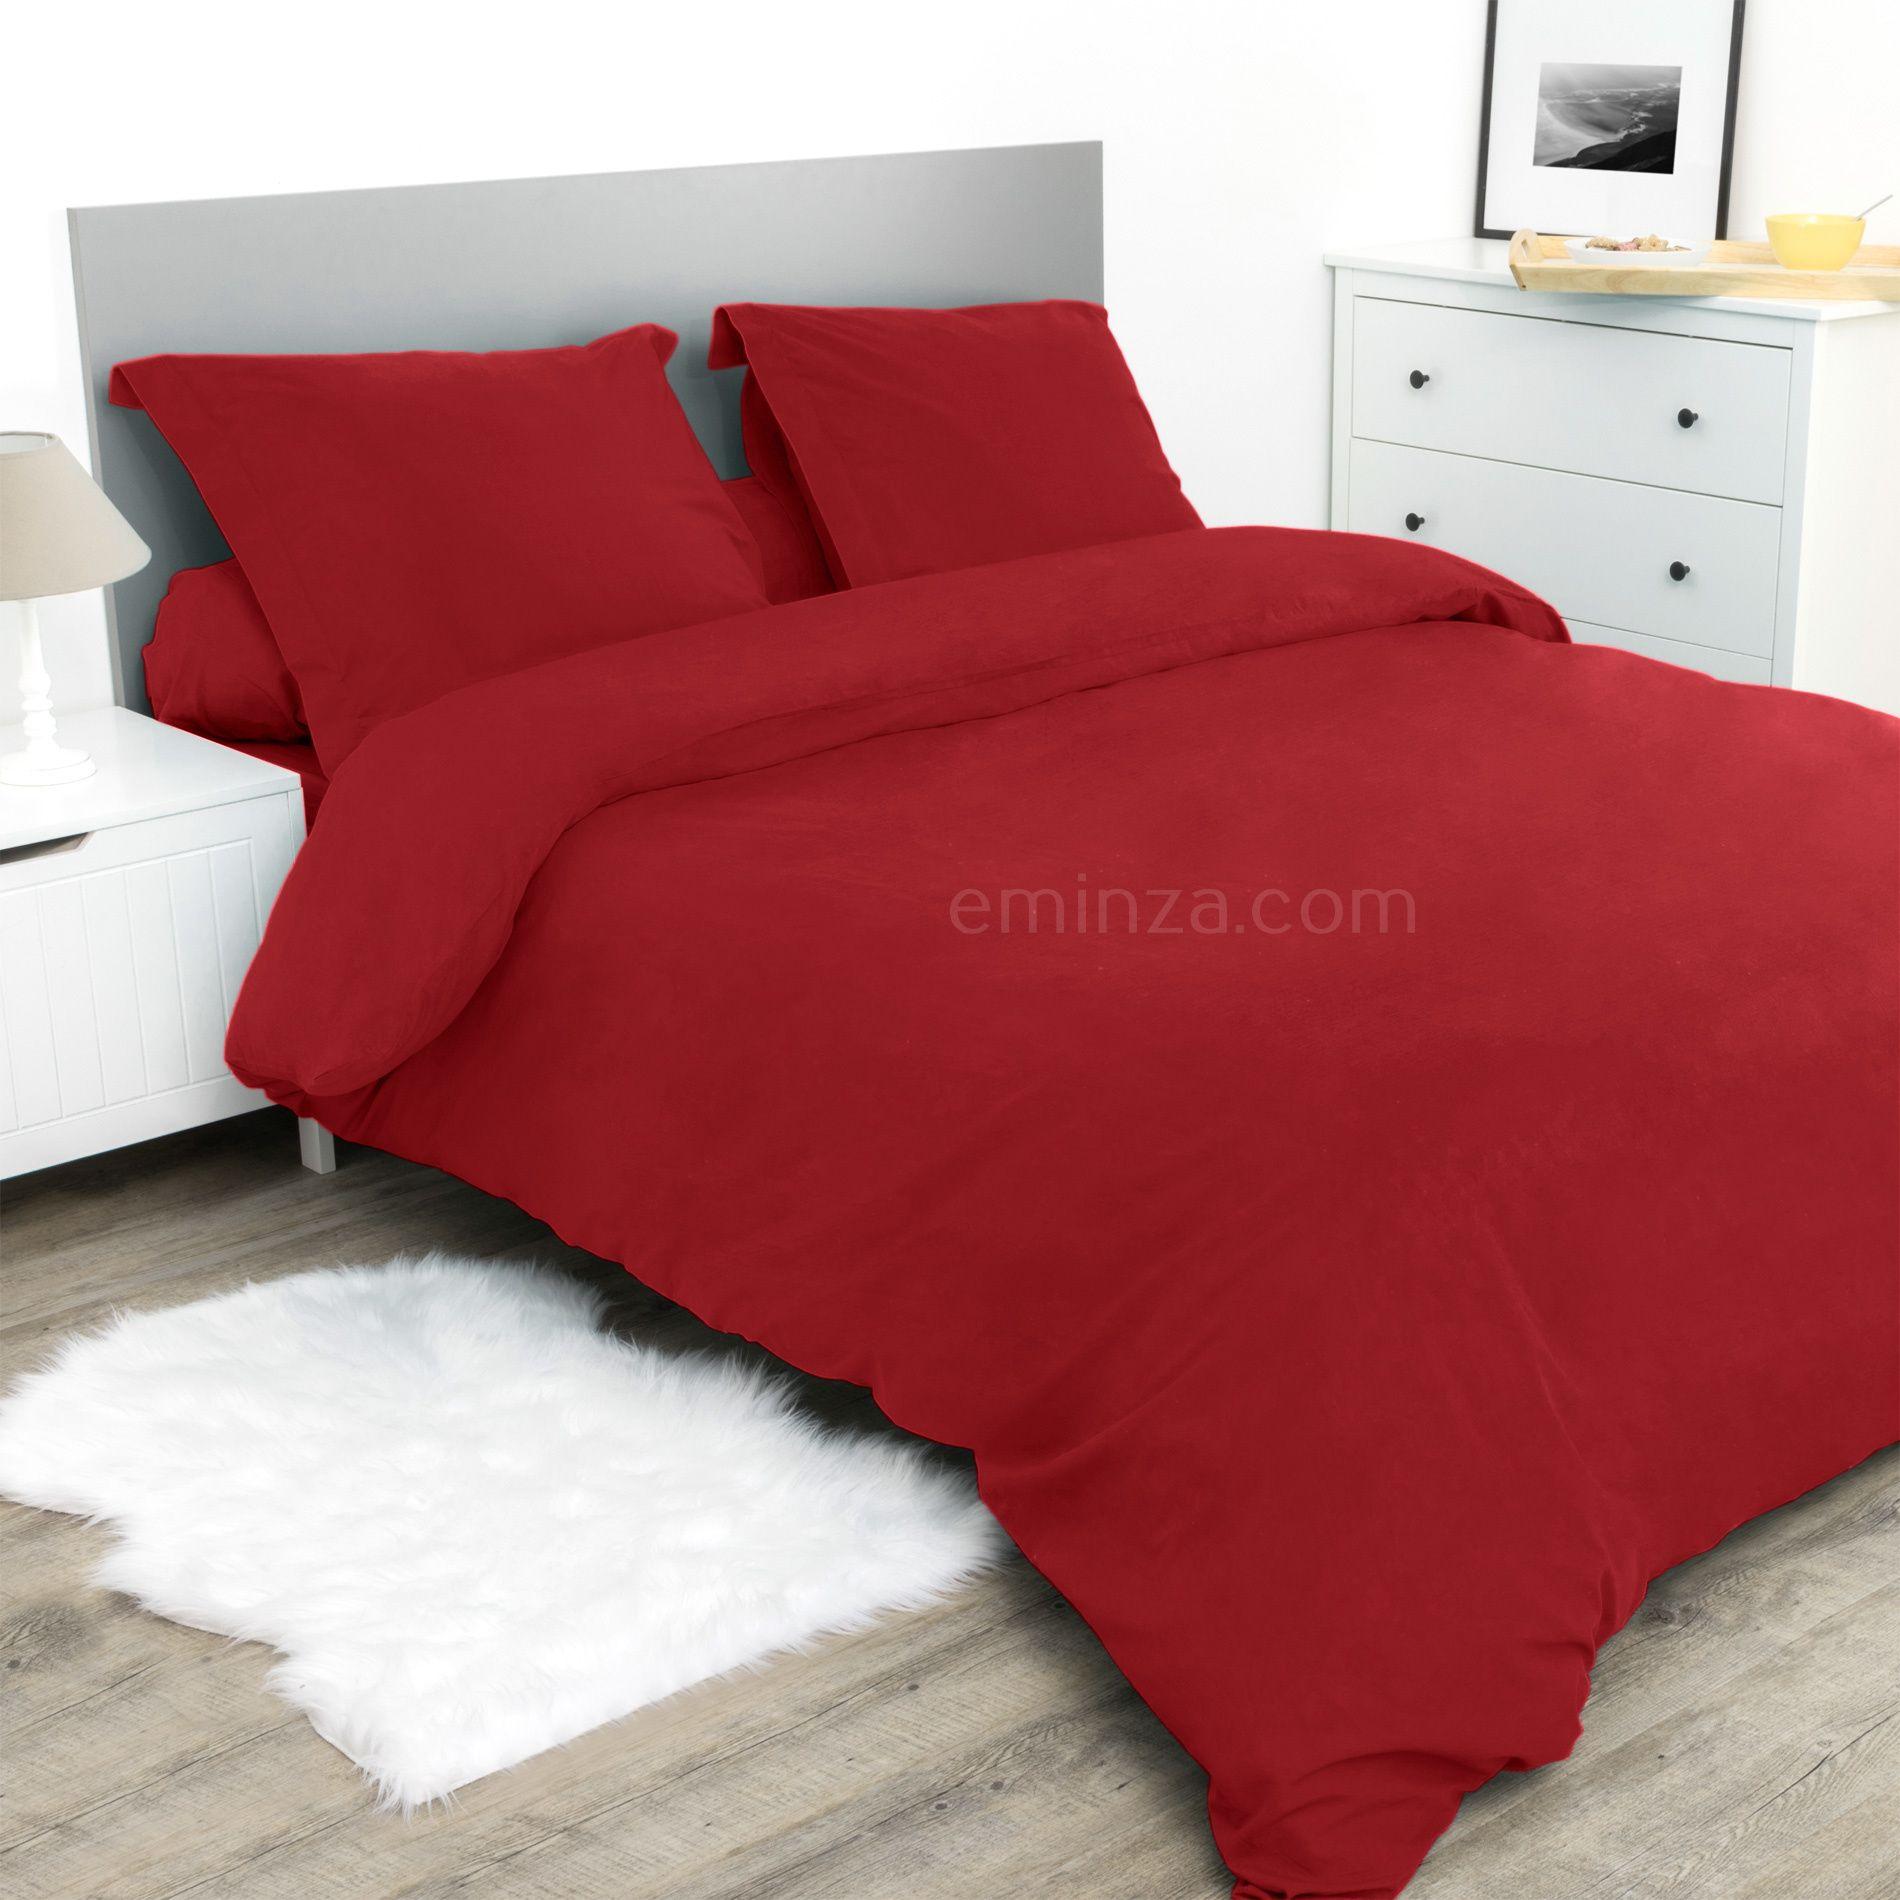 Housse de couette 200 cm confort rouge housse de for Housse de couette rouge